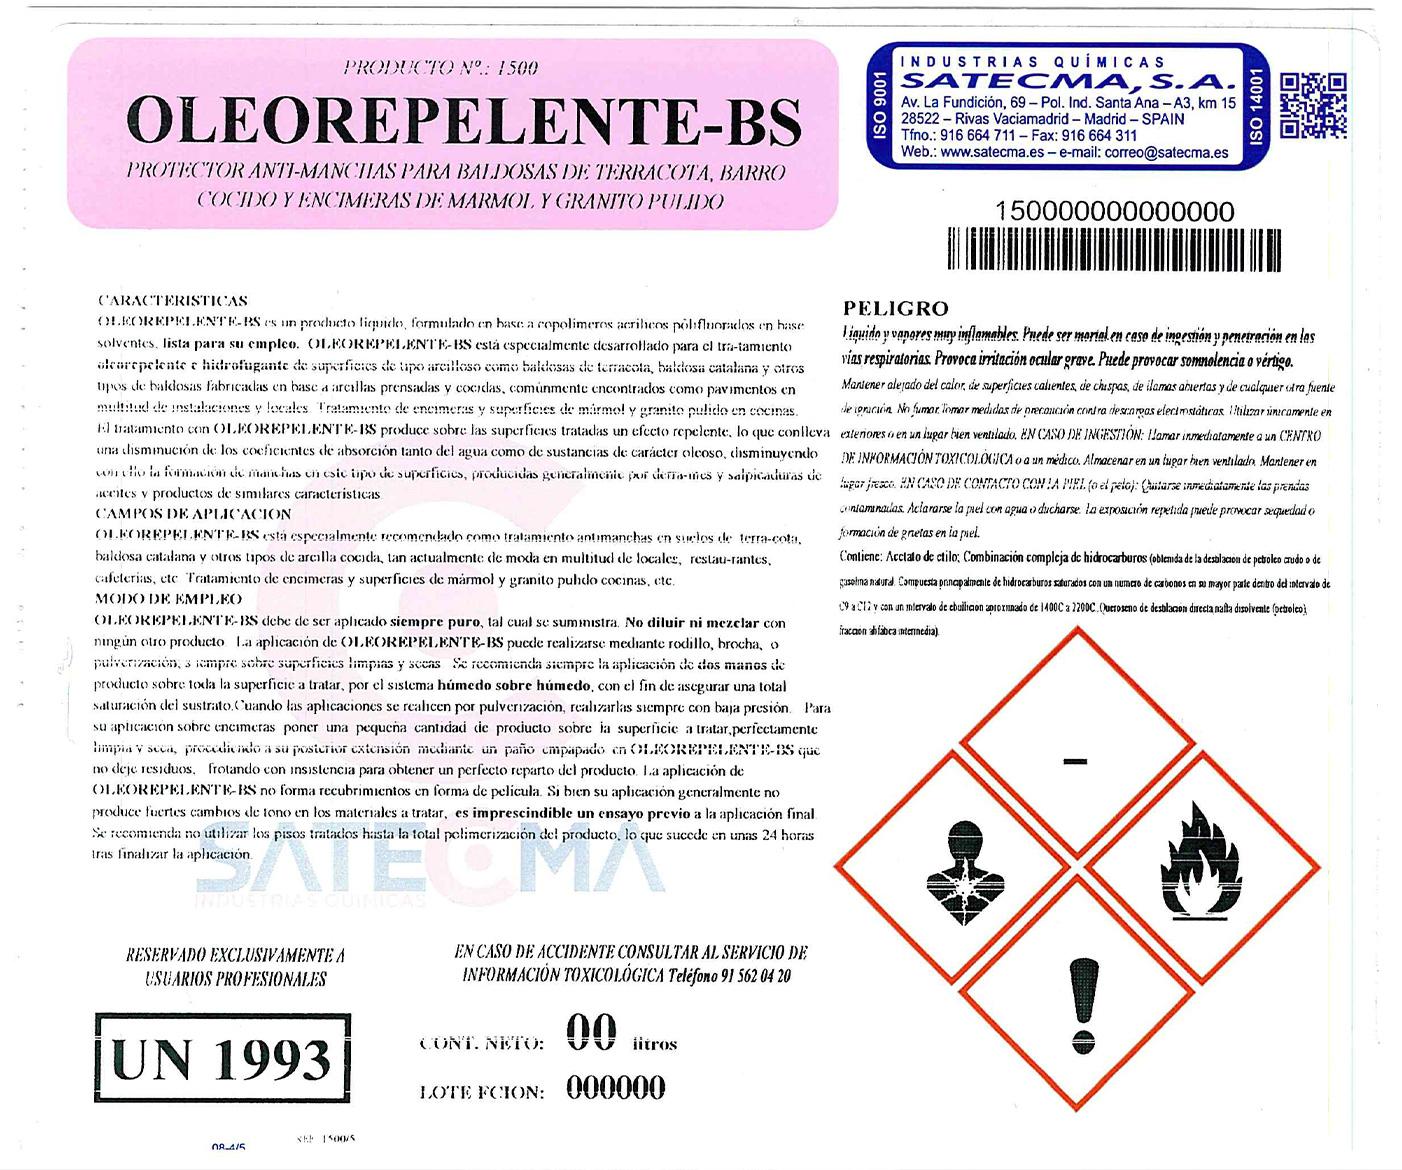 OLEOREPELENTE-BS etiqueta